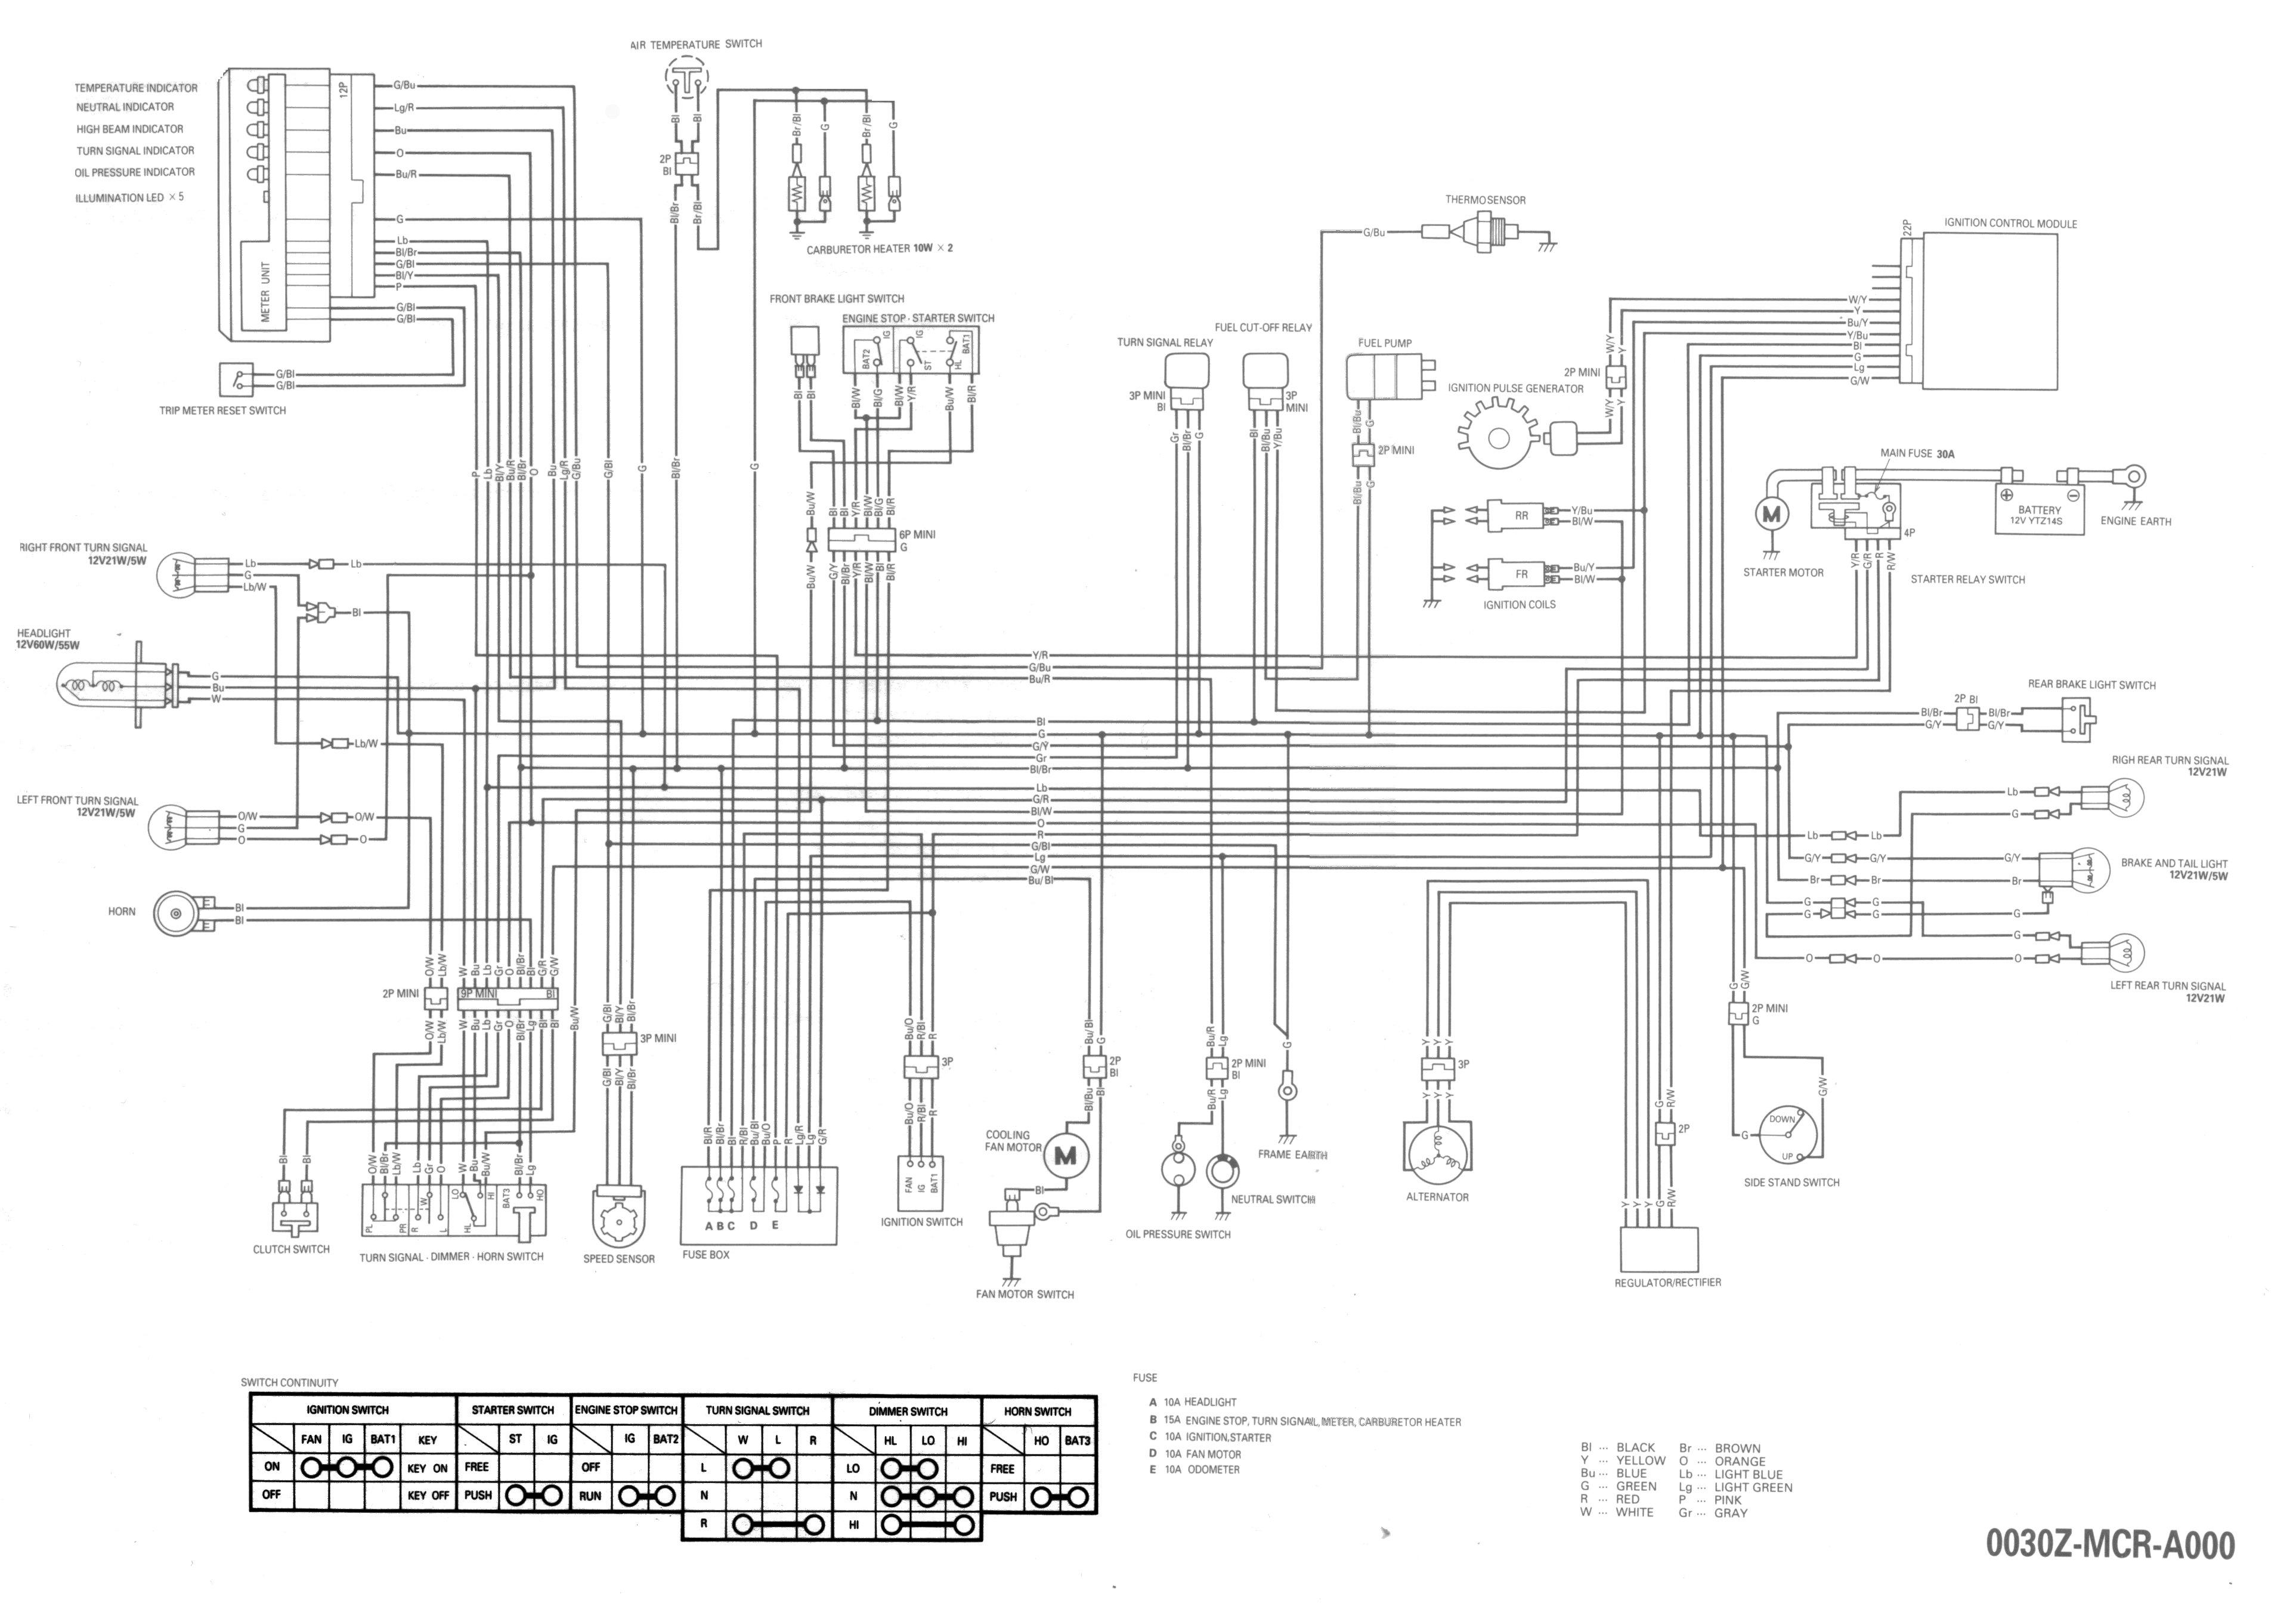 2009 honda shadow aero wiring diagram